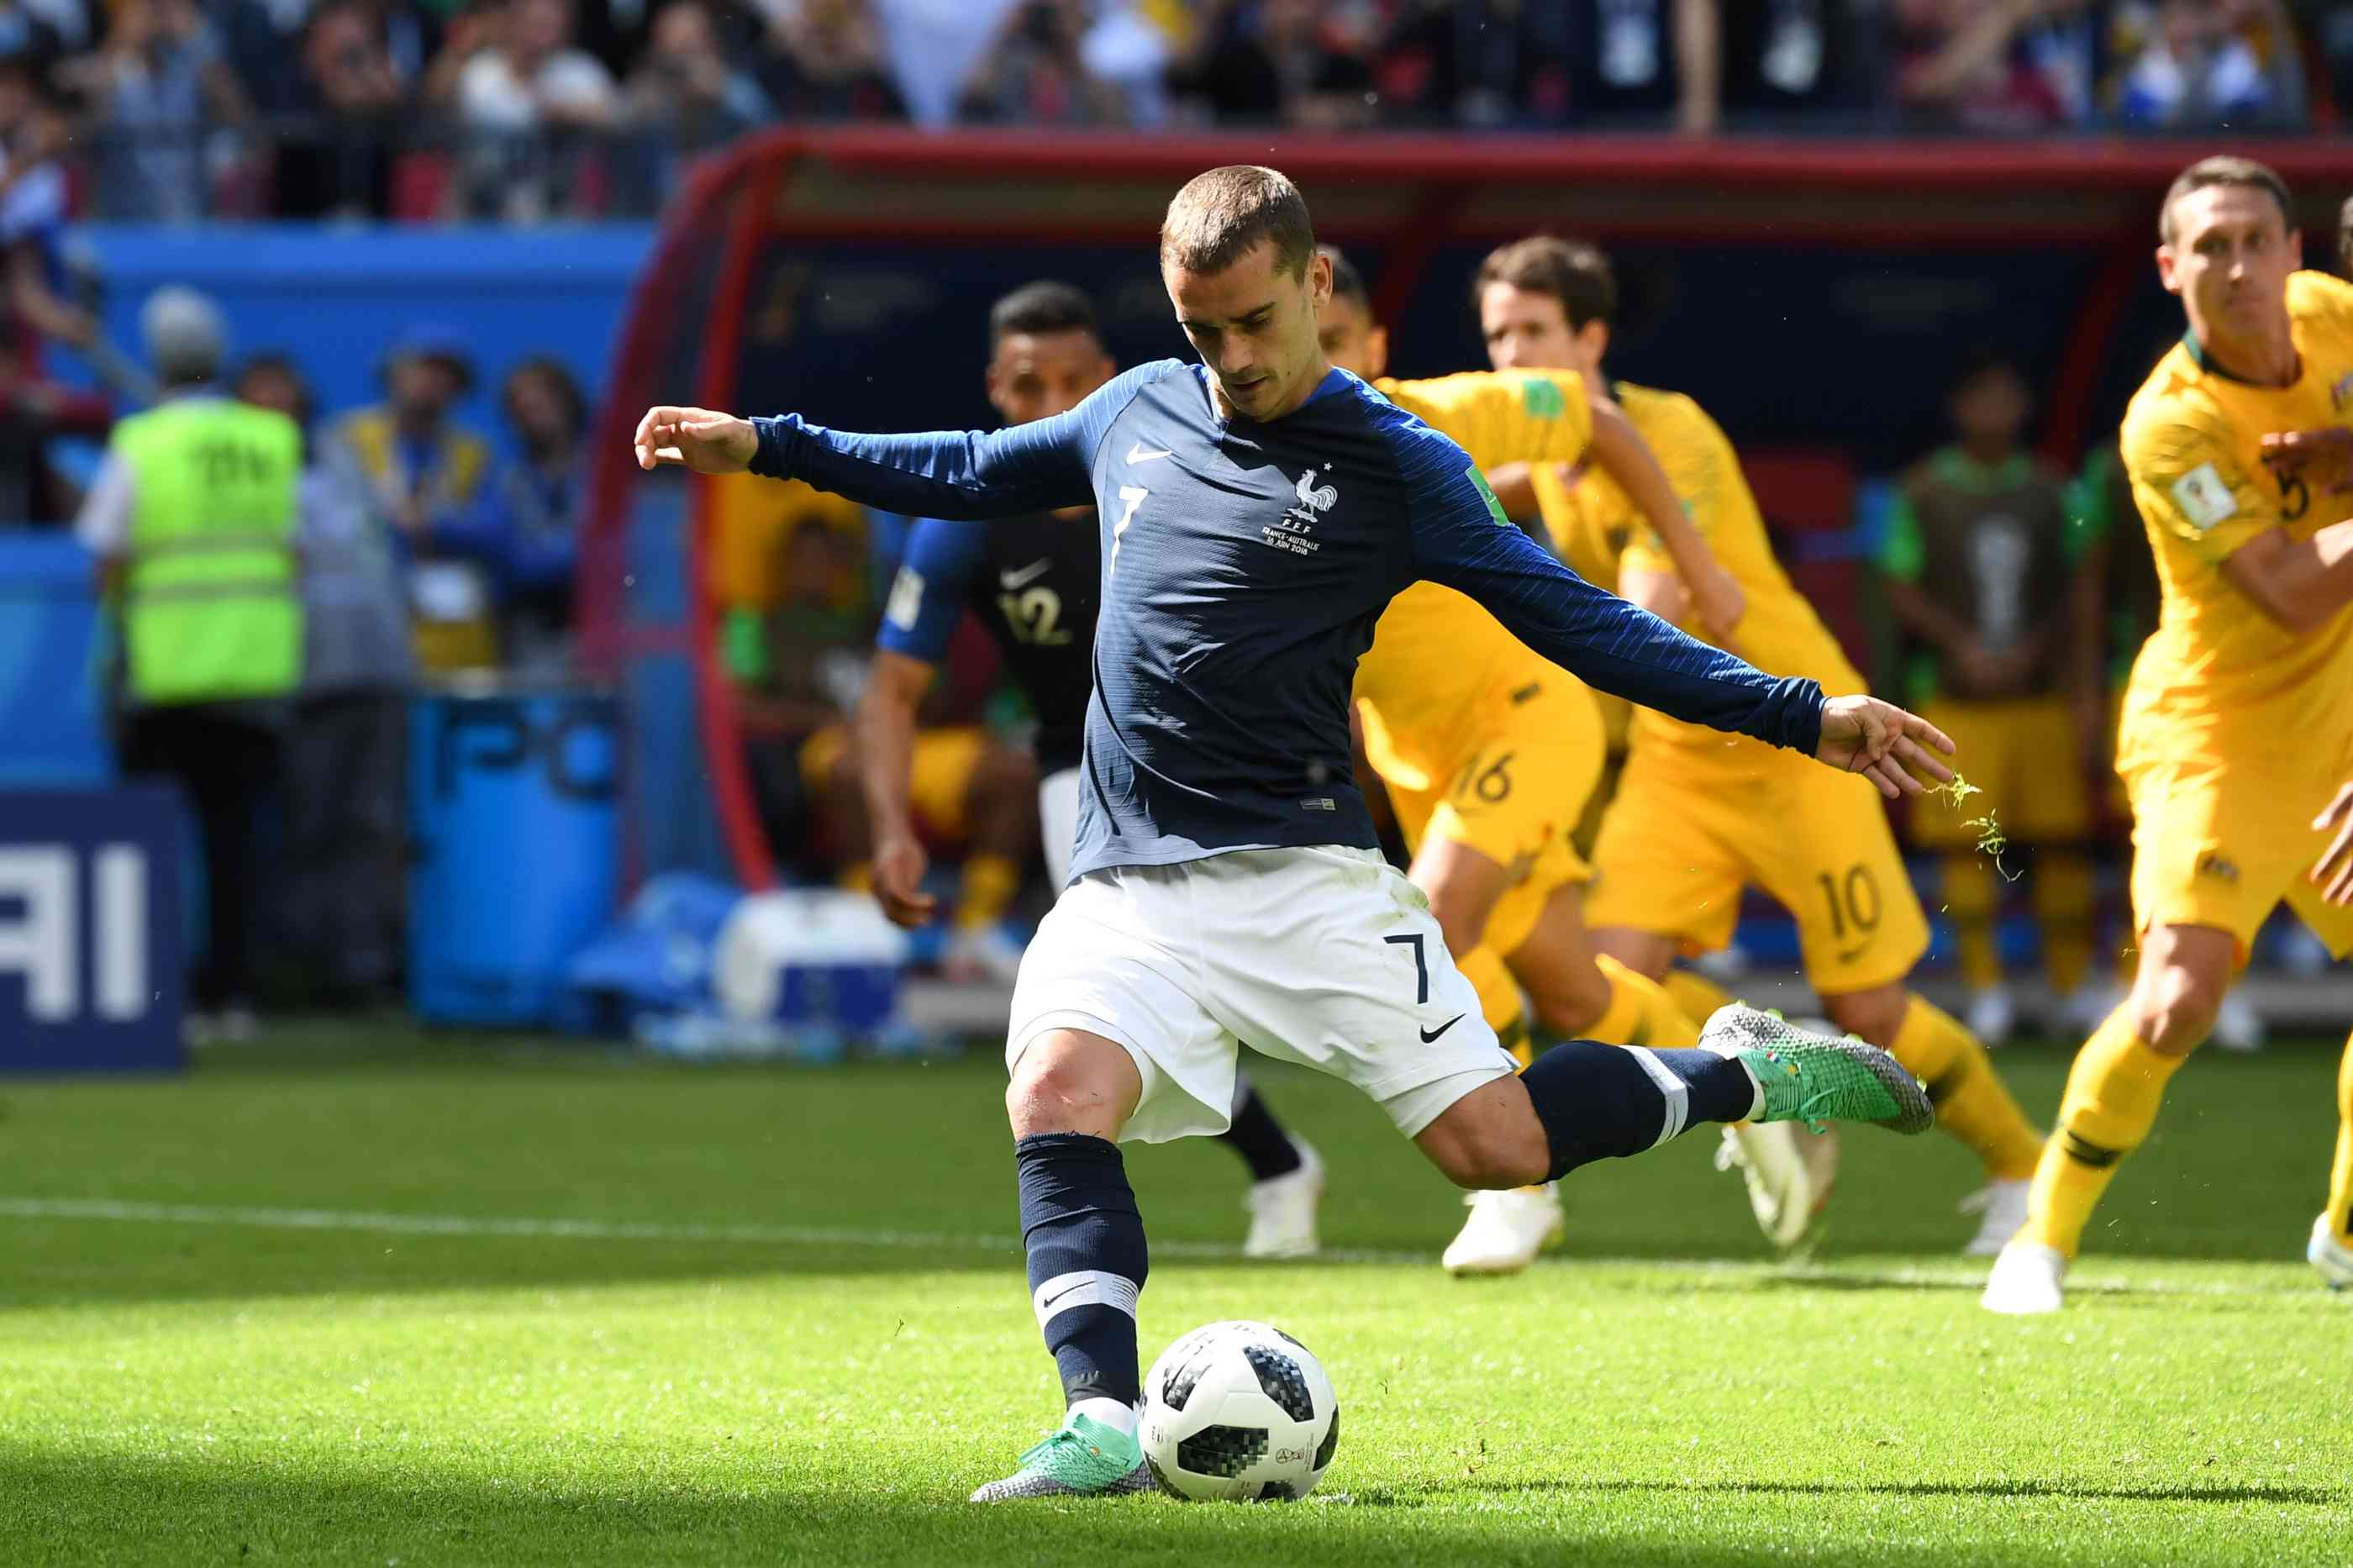 Frankreich Australien Wm